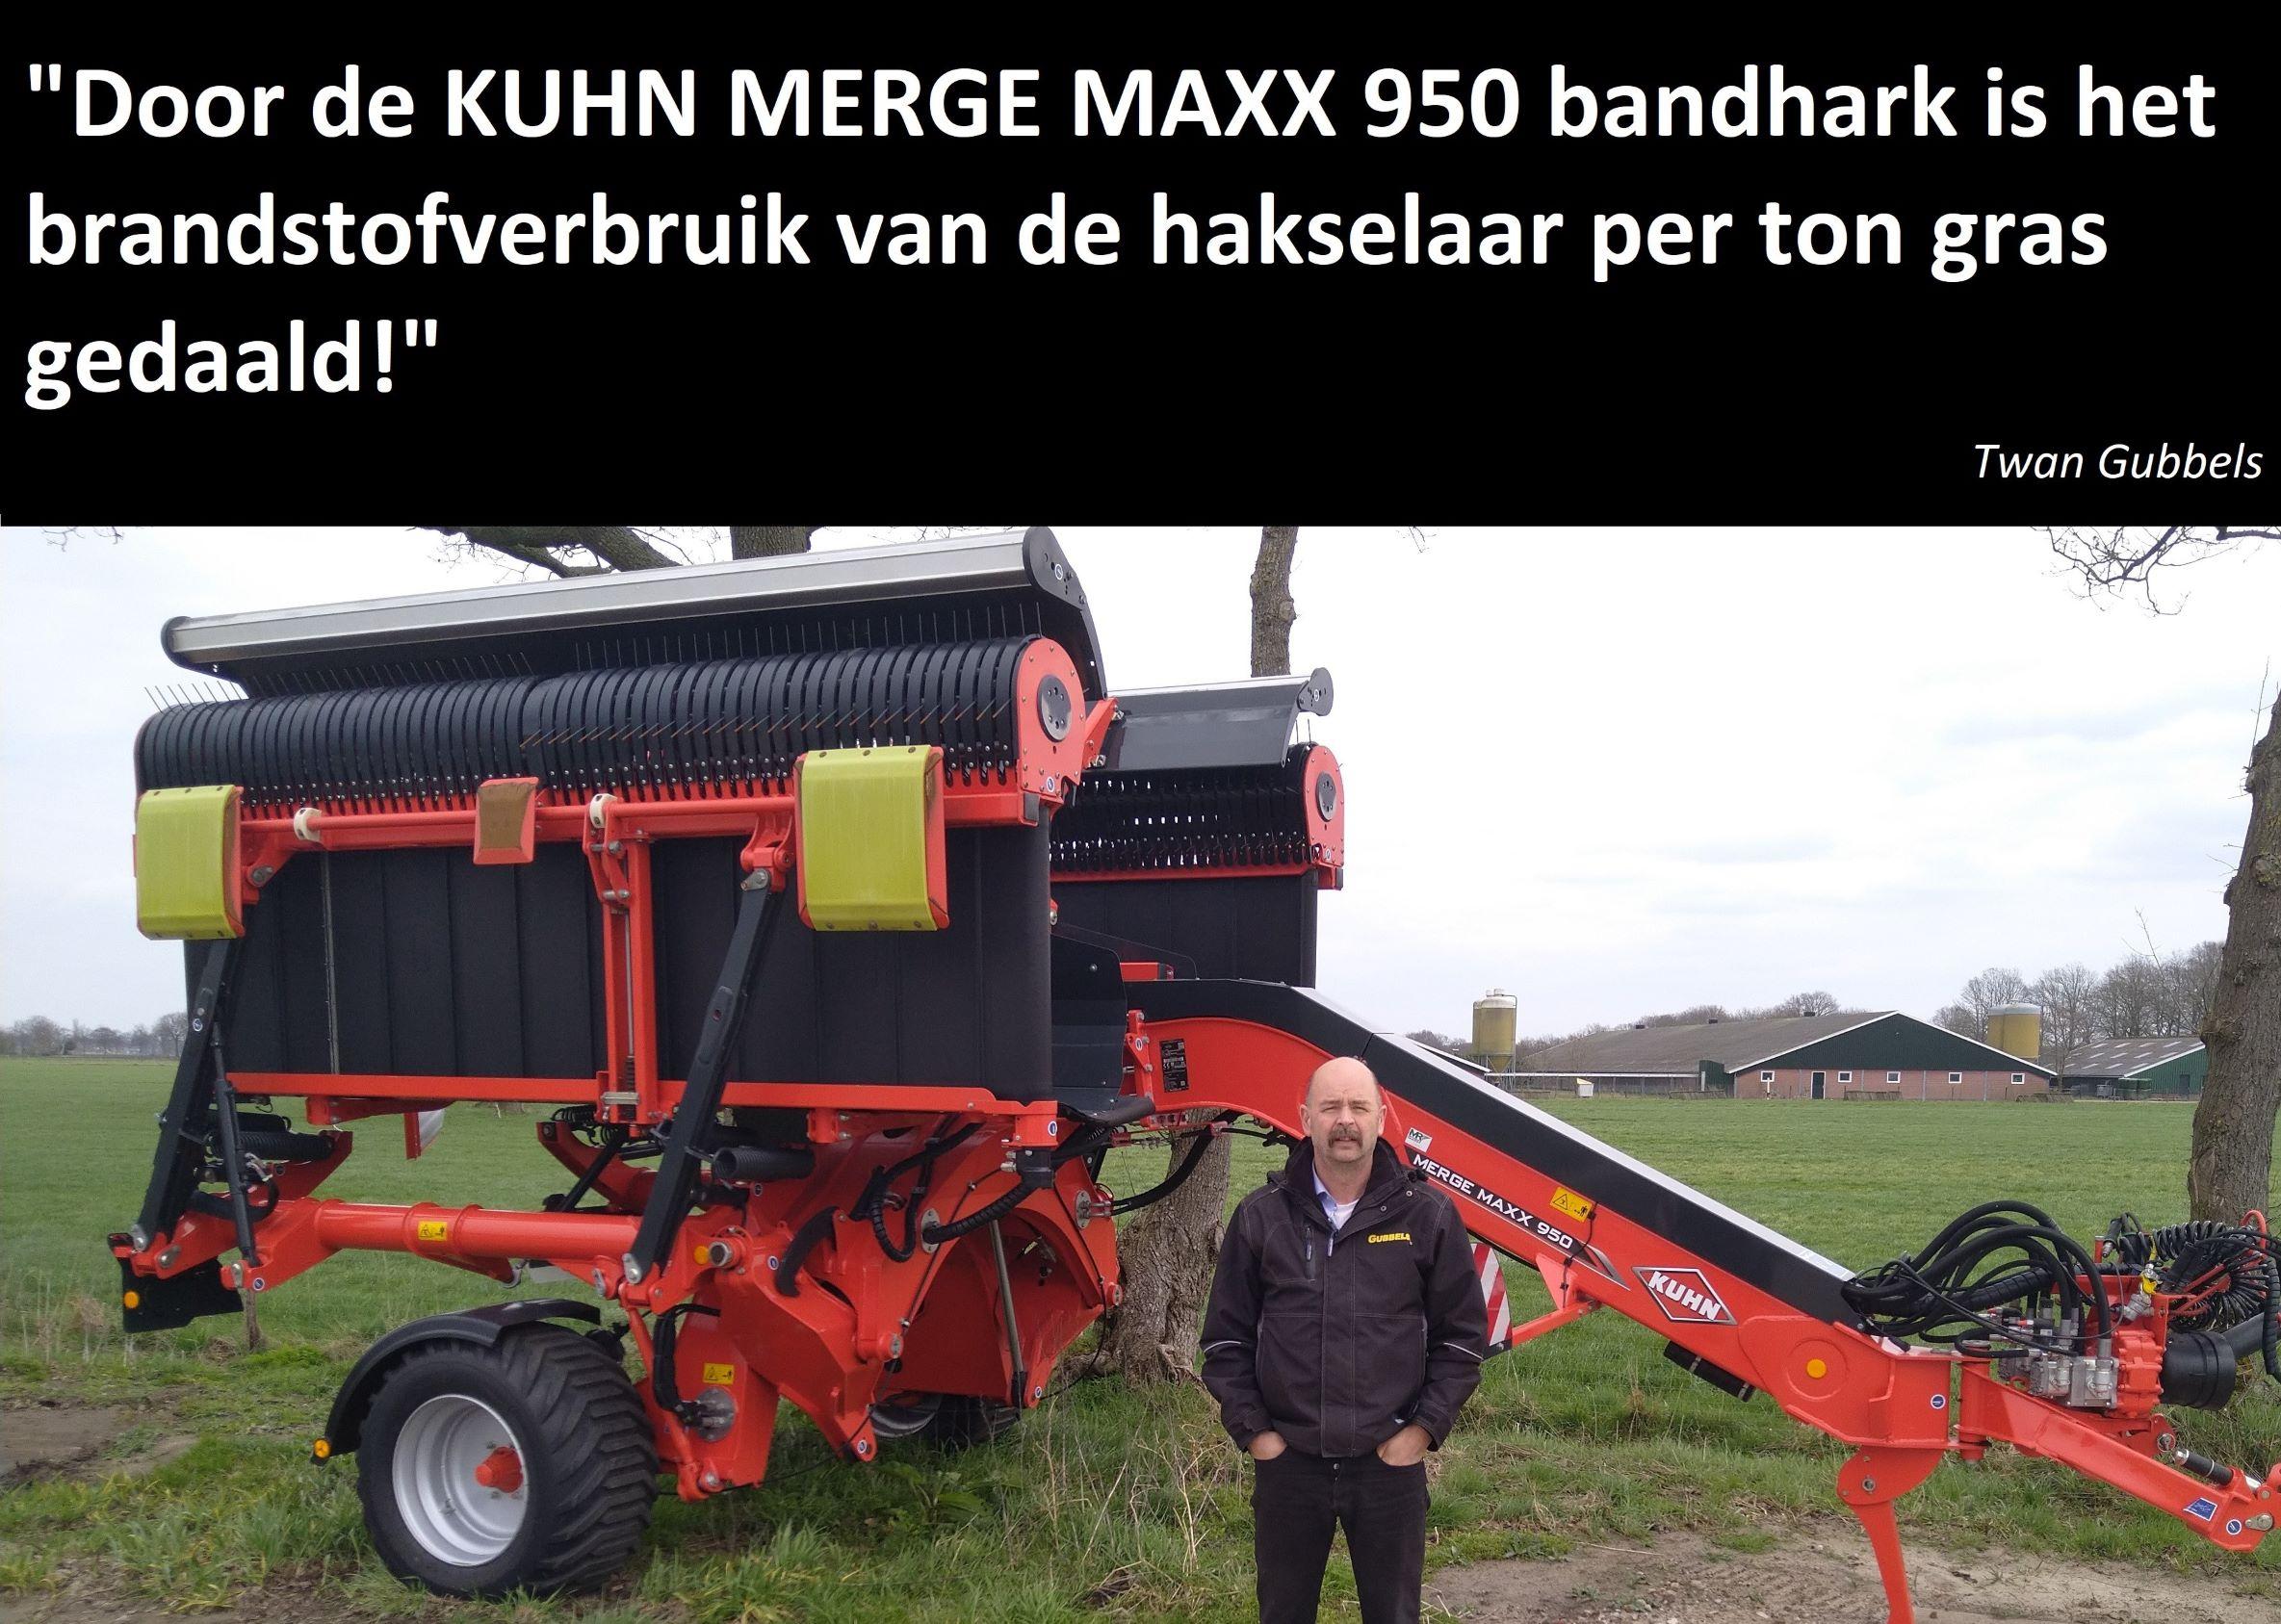 Twan Gubbels naast zijn Kuhn Merge Maxx 950